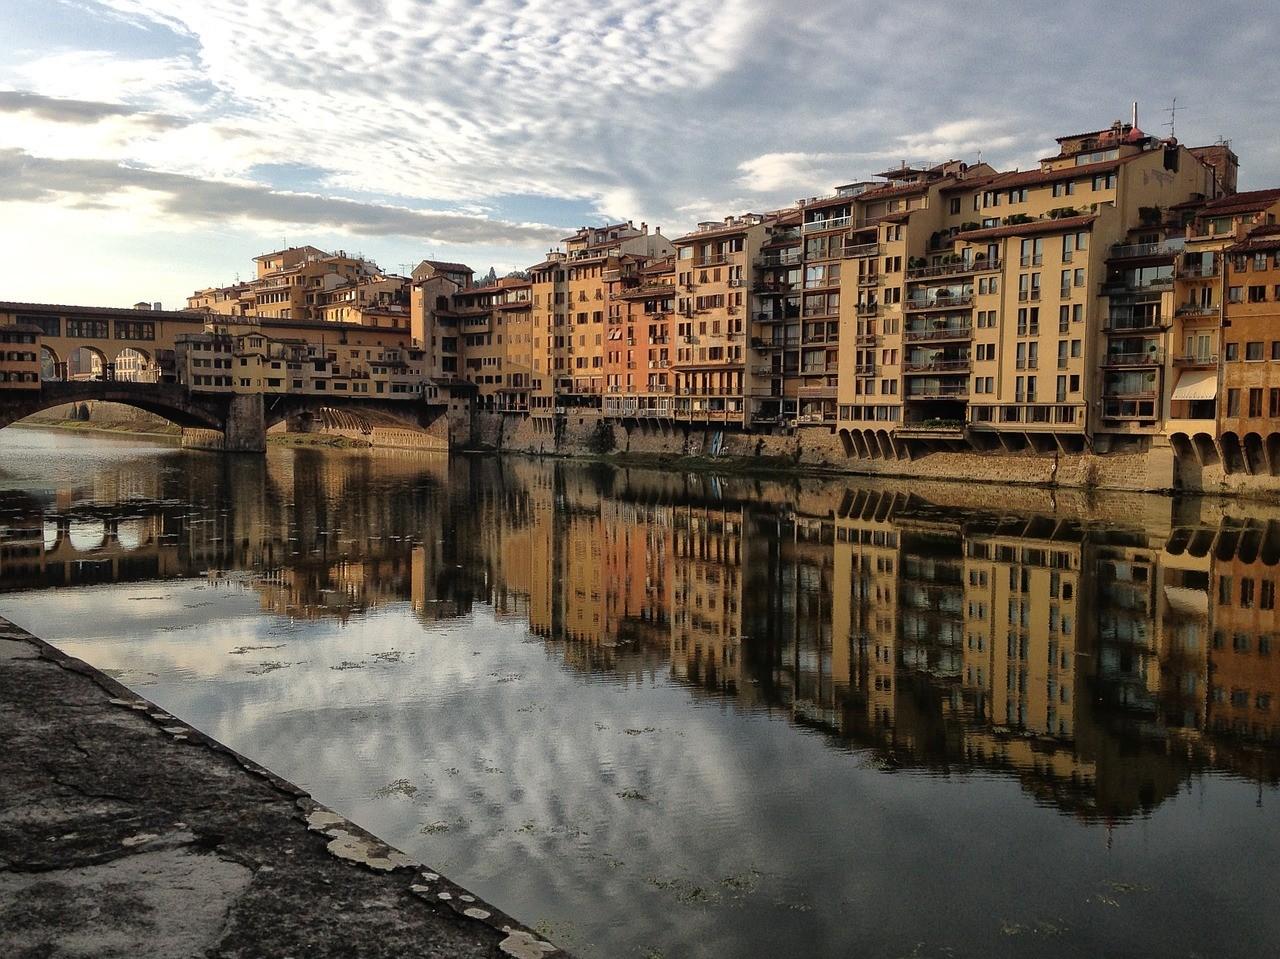 Galleria degli Uffizi e a Ponte Vecchio, ainda em Florença